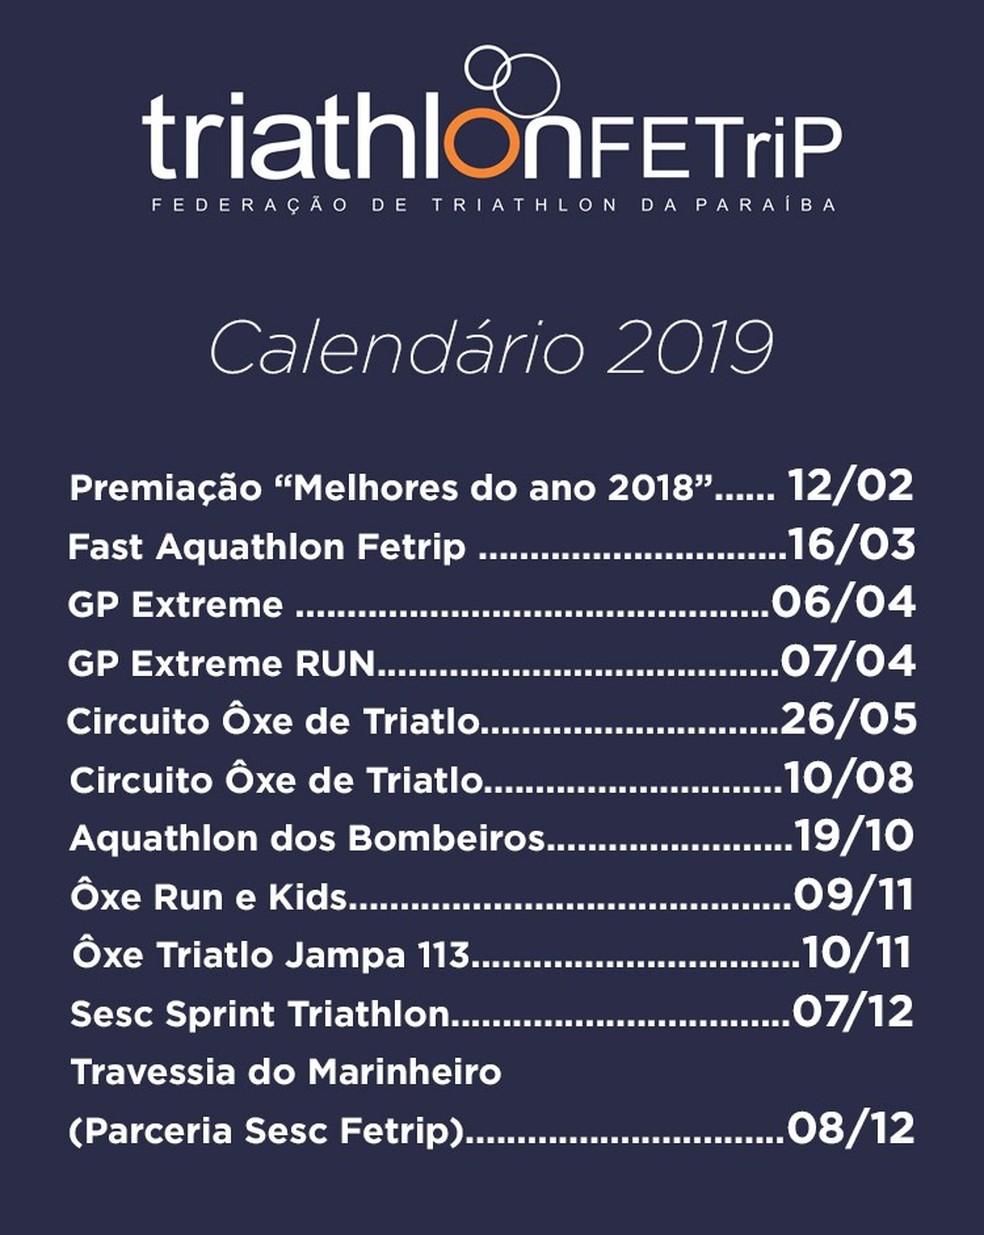 Calendario Triatlon 2019.Confira O Calendario 2019 De Provas De Triatlo Na Paraiba Pb